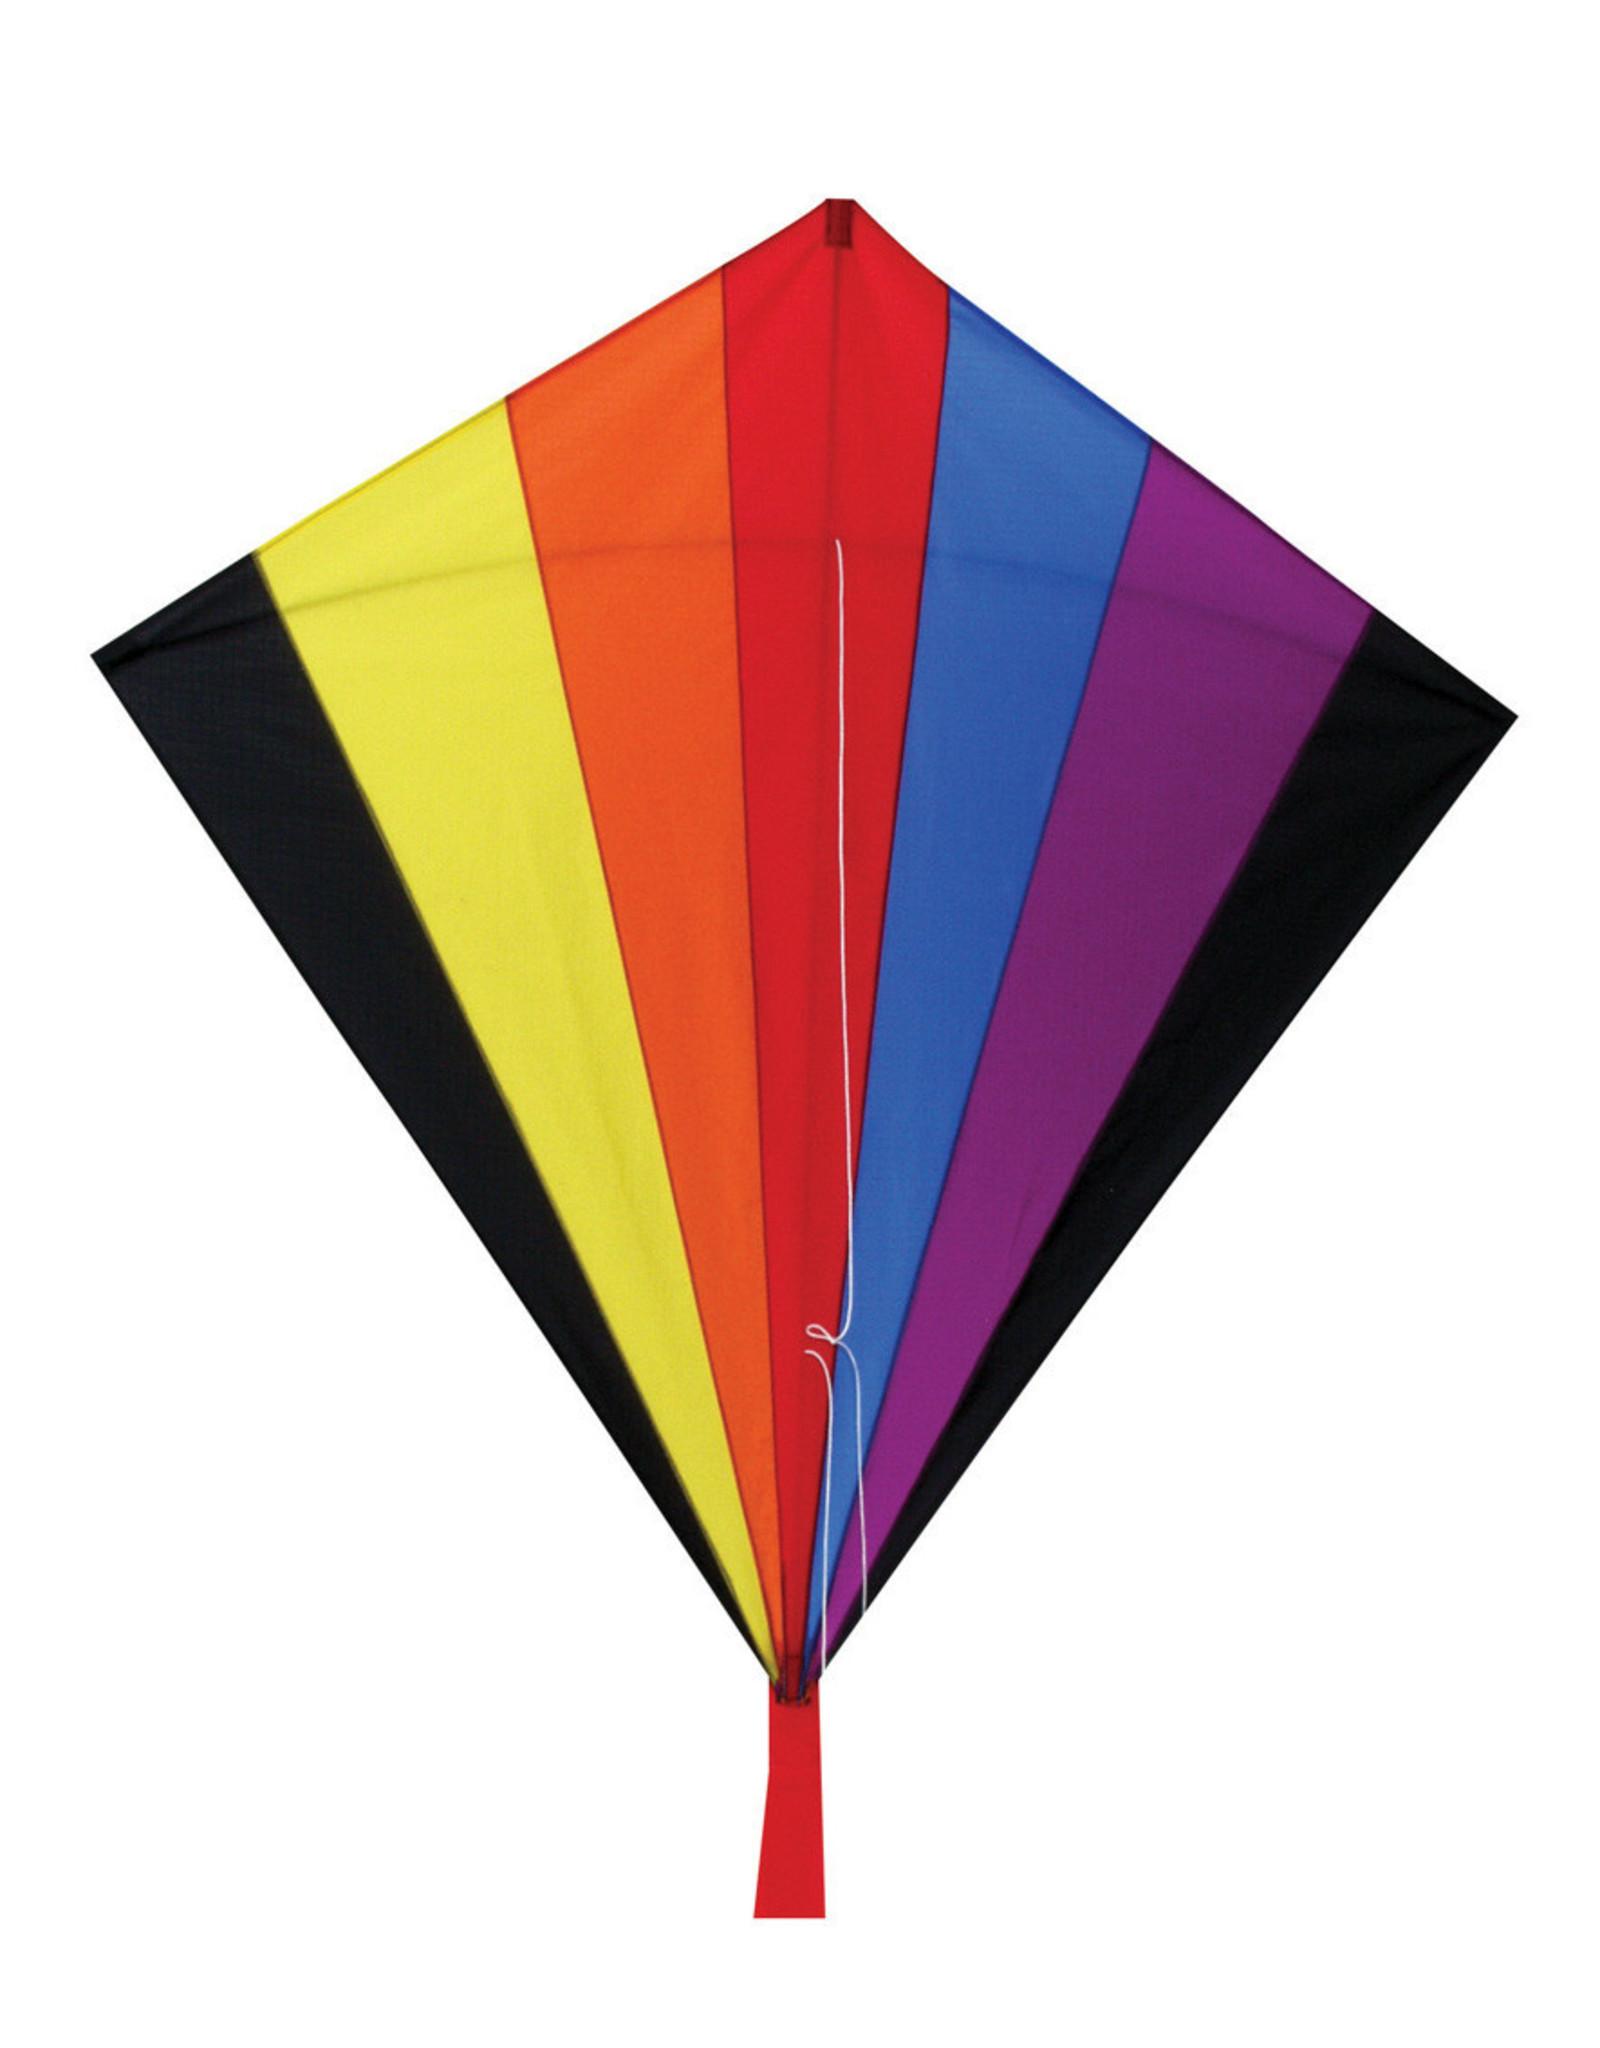 Skydog Kites 32'' SHADOW DIAMOND KITE